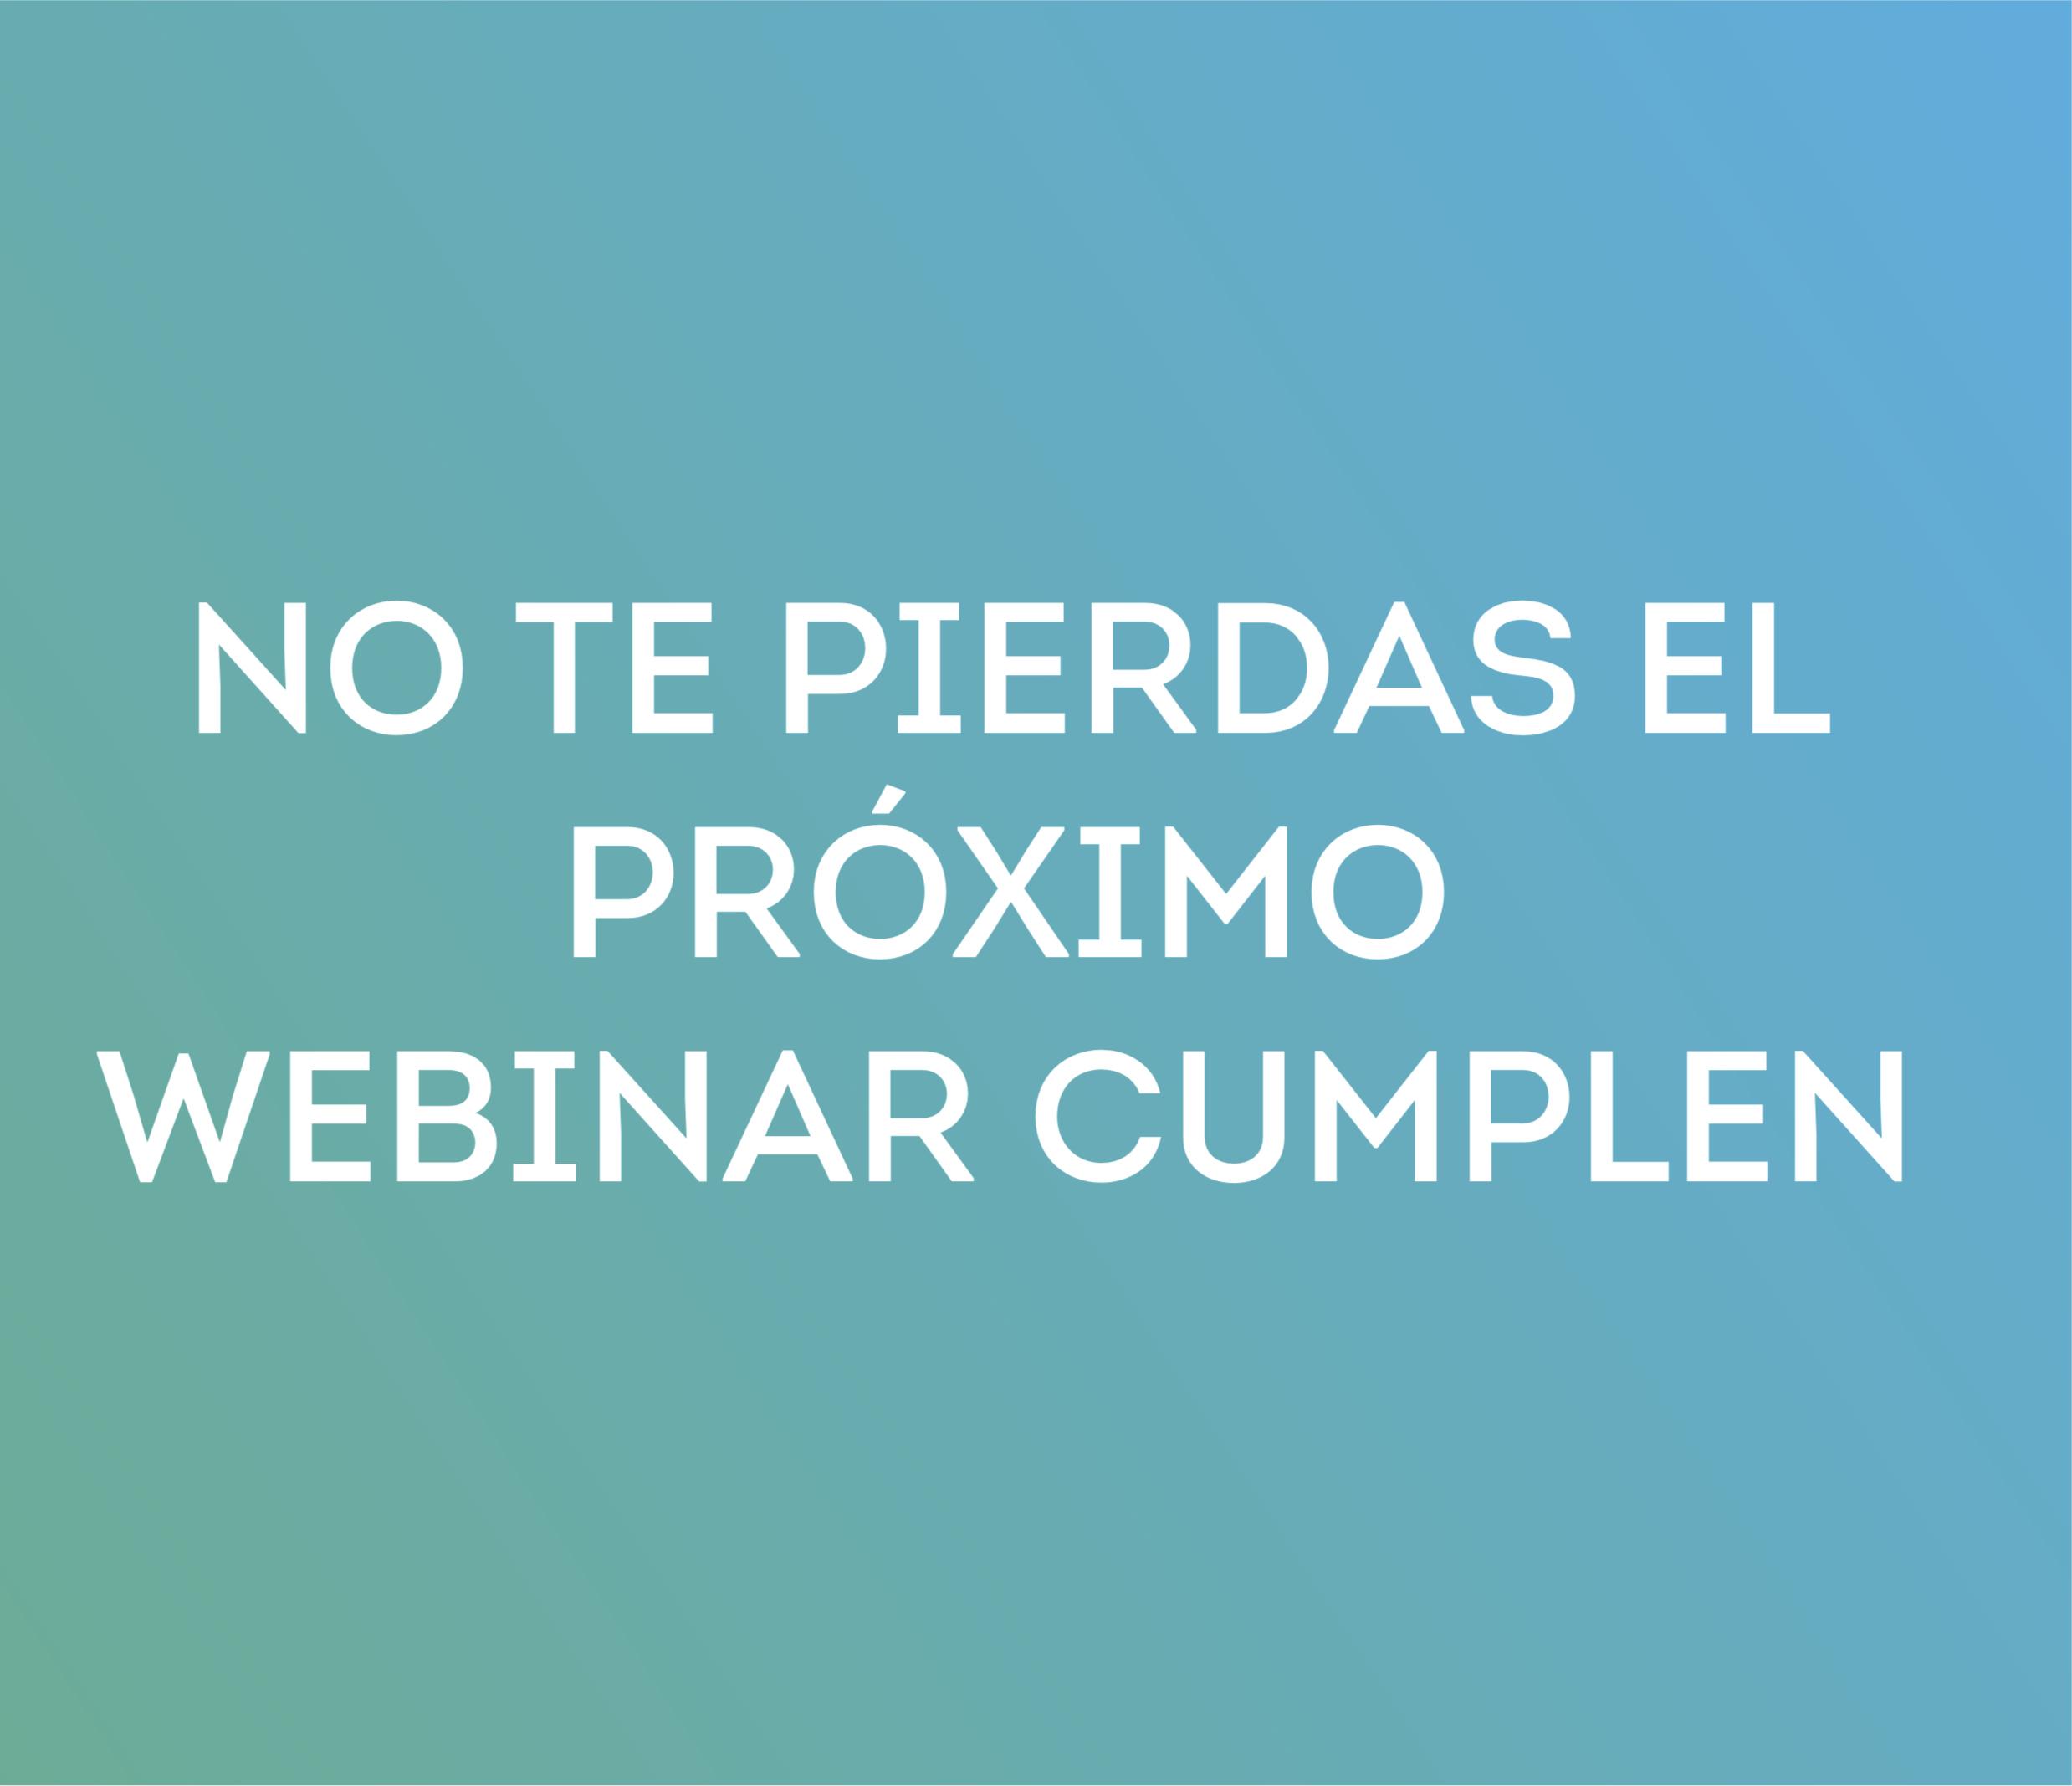 Webinar Cumplen 22-10 /17:00: Third Party: Cómo lograr su implicación en nuestro programa de Compliance